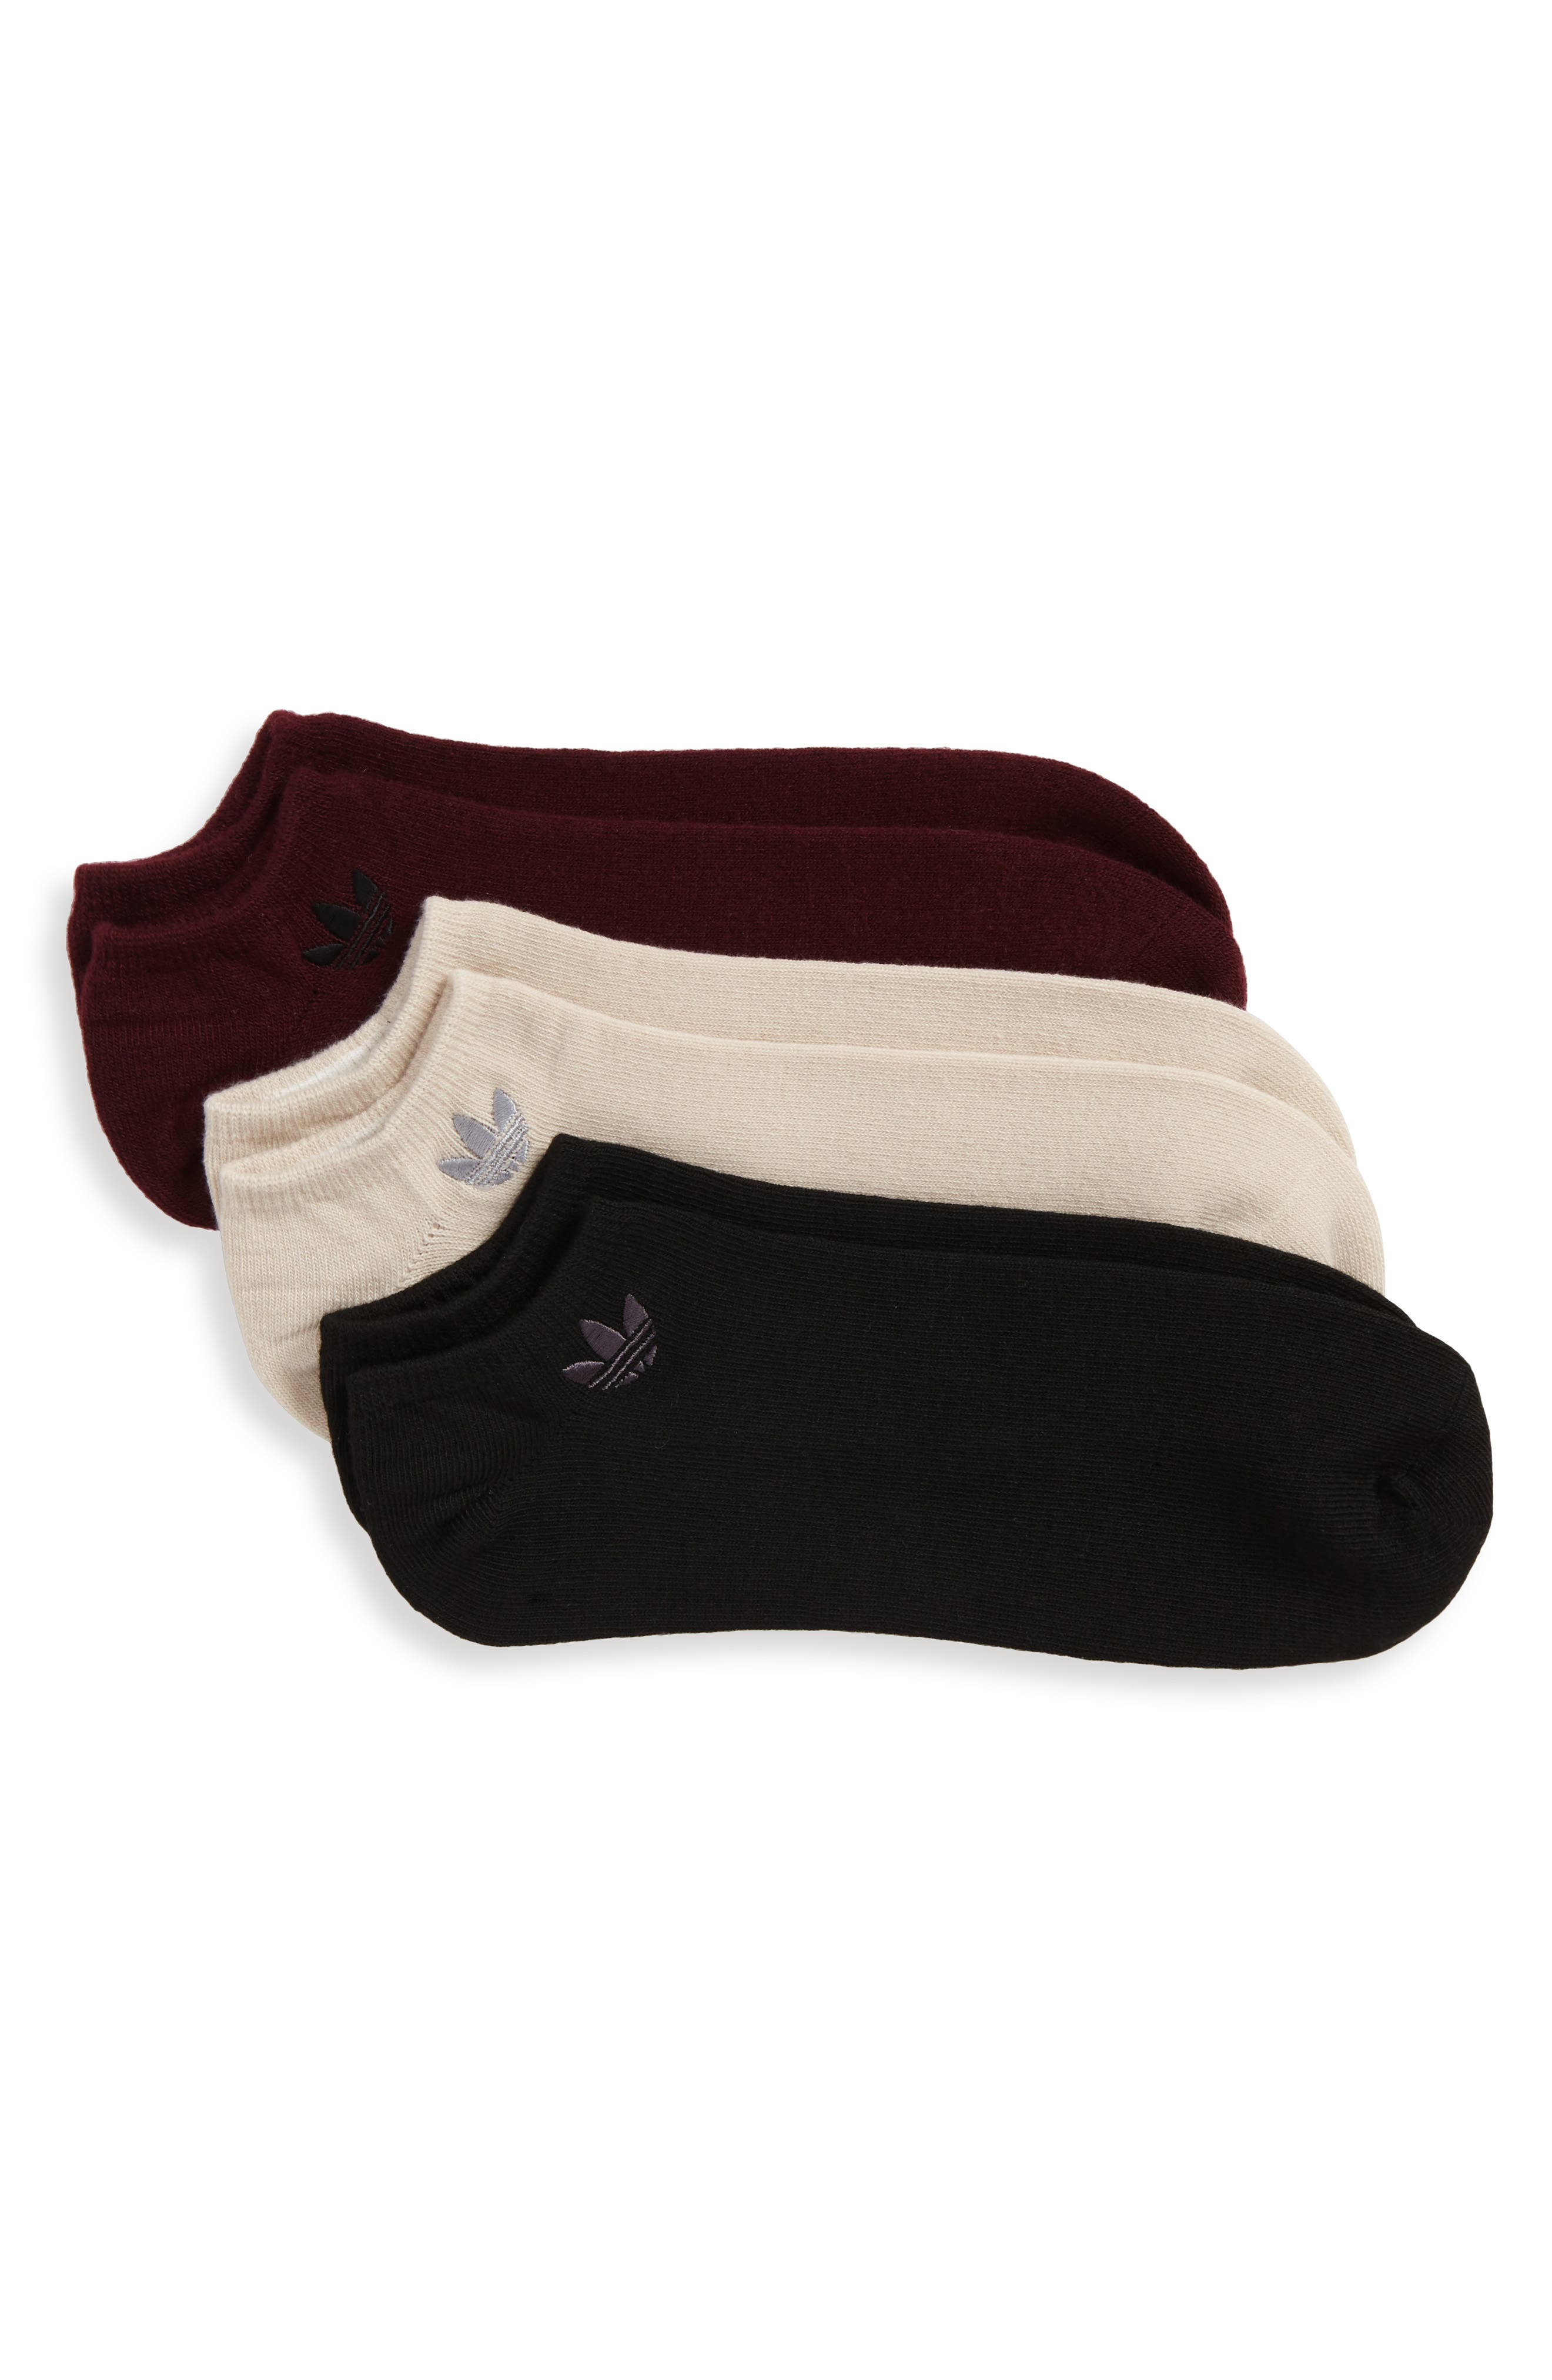 Main Image - adidas Originals 3-Pack No-Show Socks